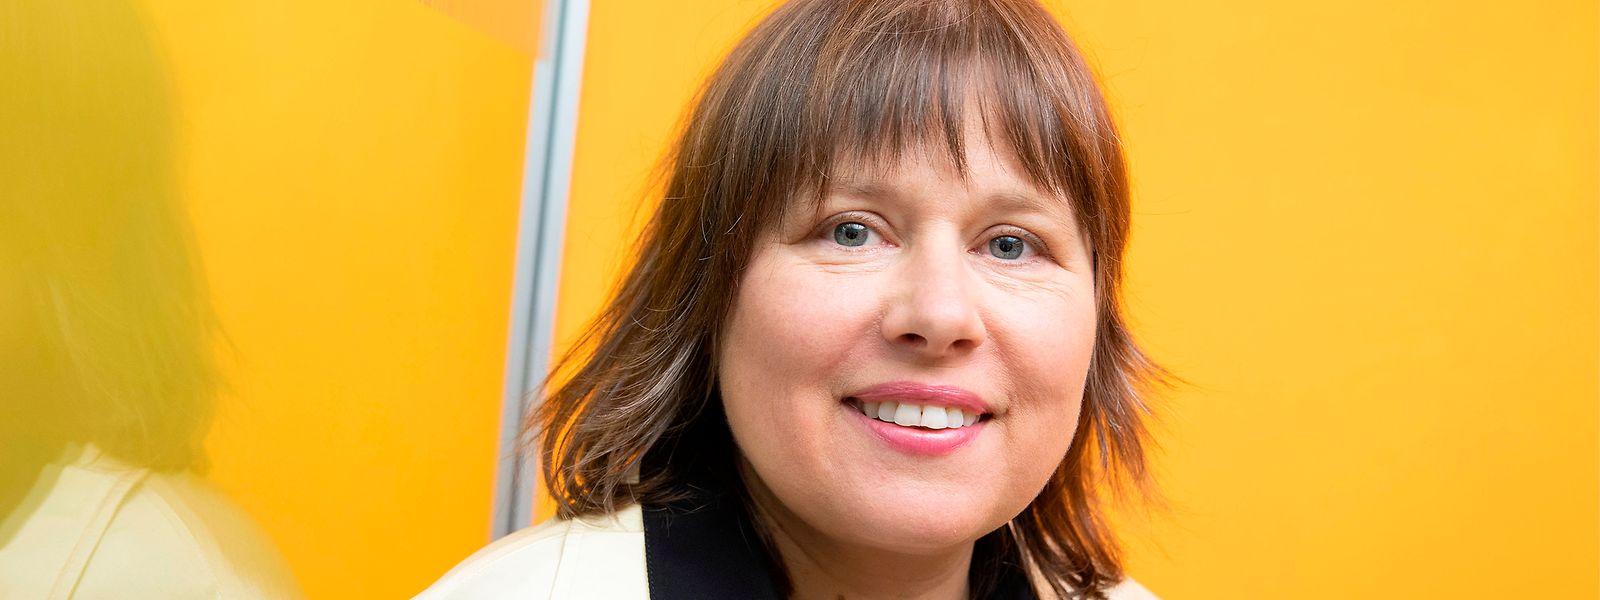 Parmi les priorités de Corinne Lamesch, figure le nouveau PEPP, le produit paneuropéen d'épargne retraite individuelle